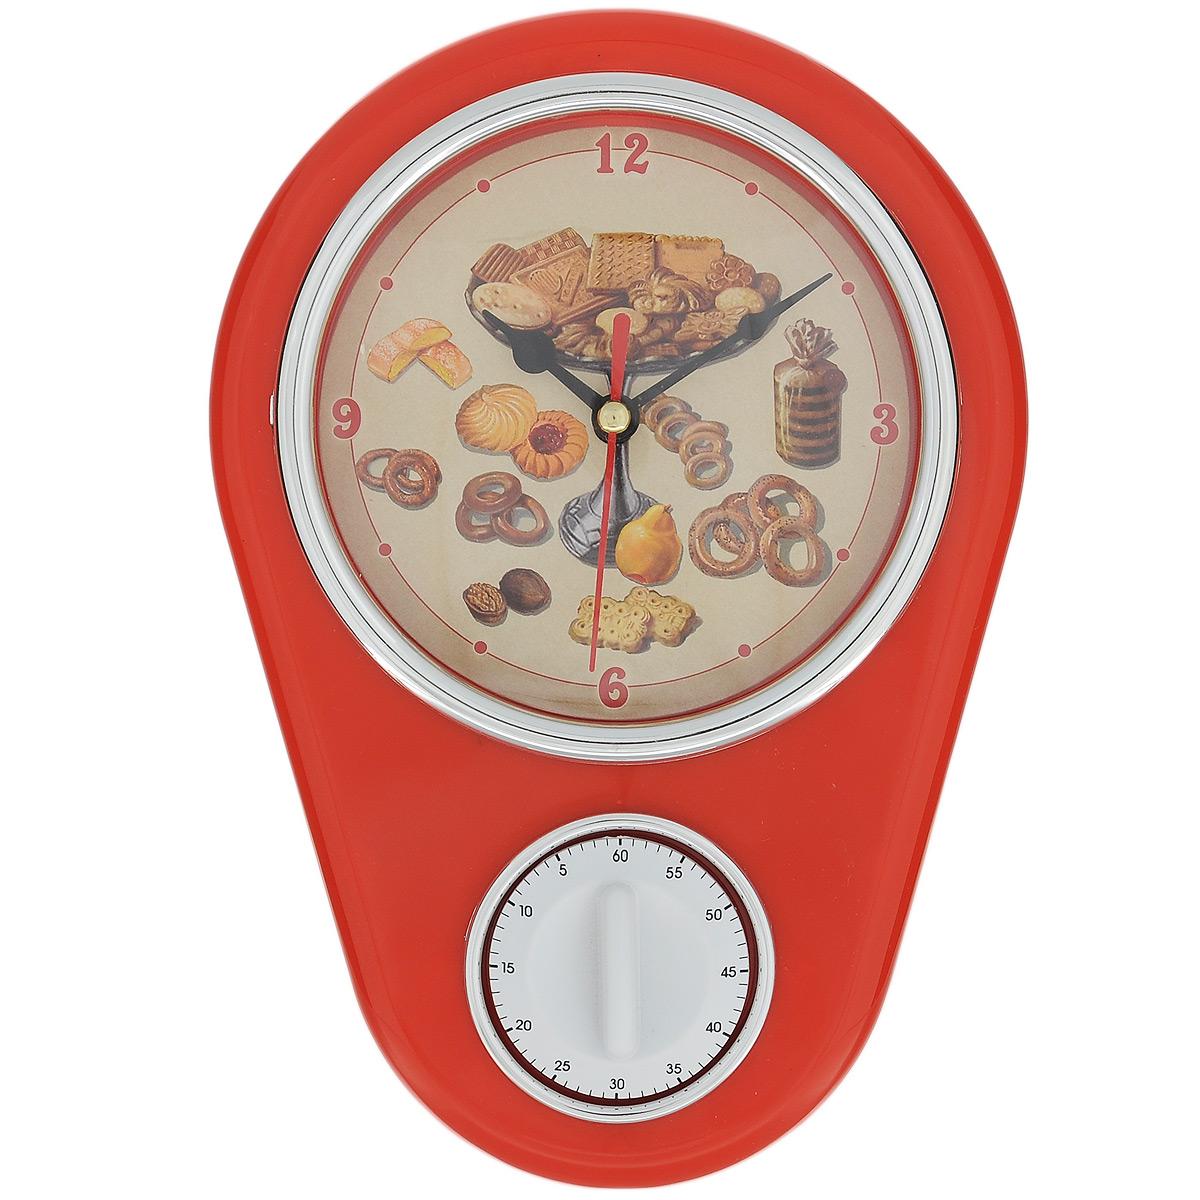 Часы кухонные Печенье с таймером, настенные, цвет: красный300194_сиреневый/грушаКухонные настенные часы Печенье в ретро стиле прекрасно дополнят интерьер кухни. Корпус выполнен из высококачественного пластика. Все механизмы скрыты в корпусе. Циферблат круглой формы, оформленный крупными арабскими цифрами и изображением печенья, защищен стеклом. Имеется встроенный таймер на 60 минут, его удобно использовать во время приготовления блюд. Часы подвешиваются на стену. Часы работают от одной пальчиковой батарейки тип АА (не входит в комплект).Диаметр циферблата: 11,3 см. Размер часов: 16 см х 5 см х 22,5 см.